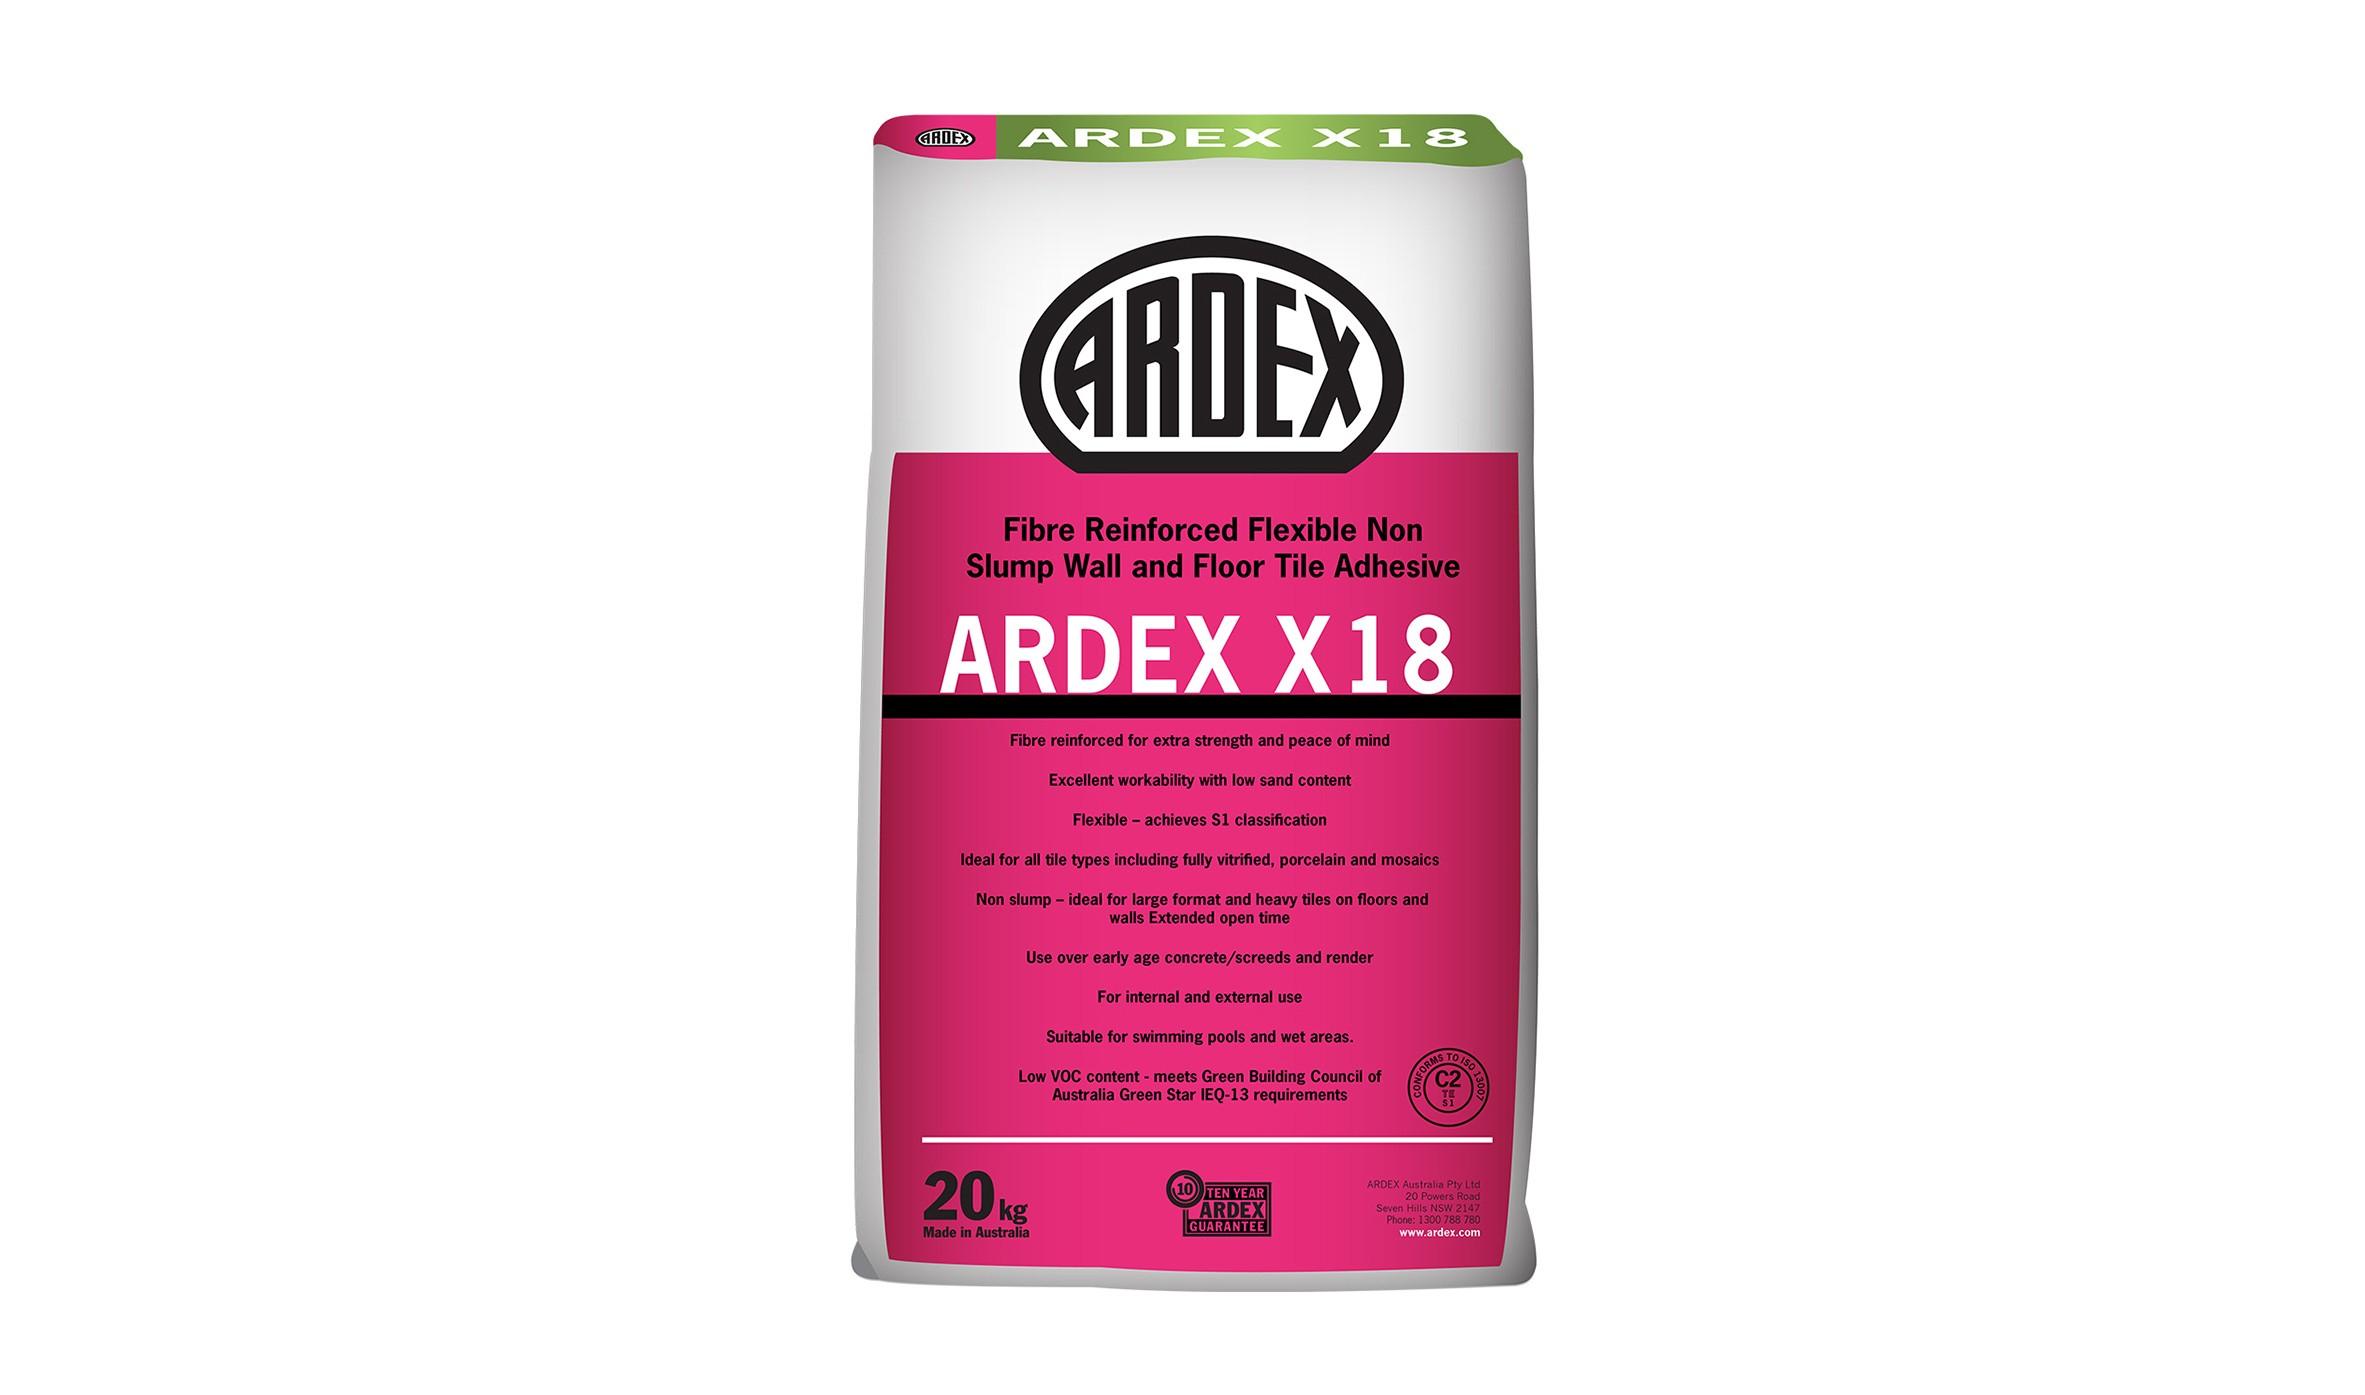 Ardex X18